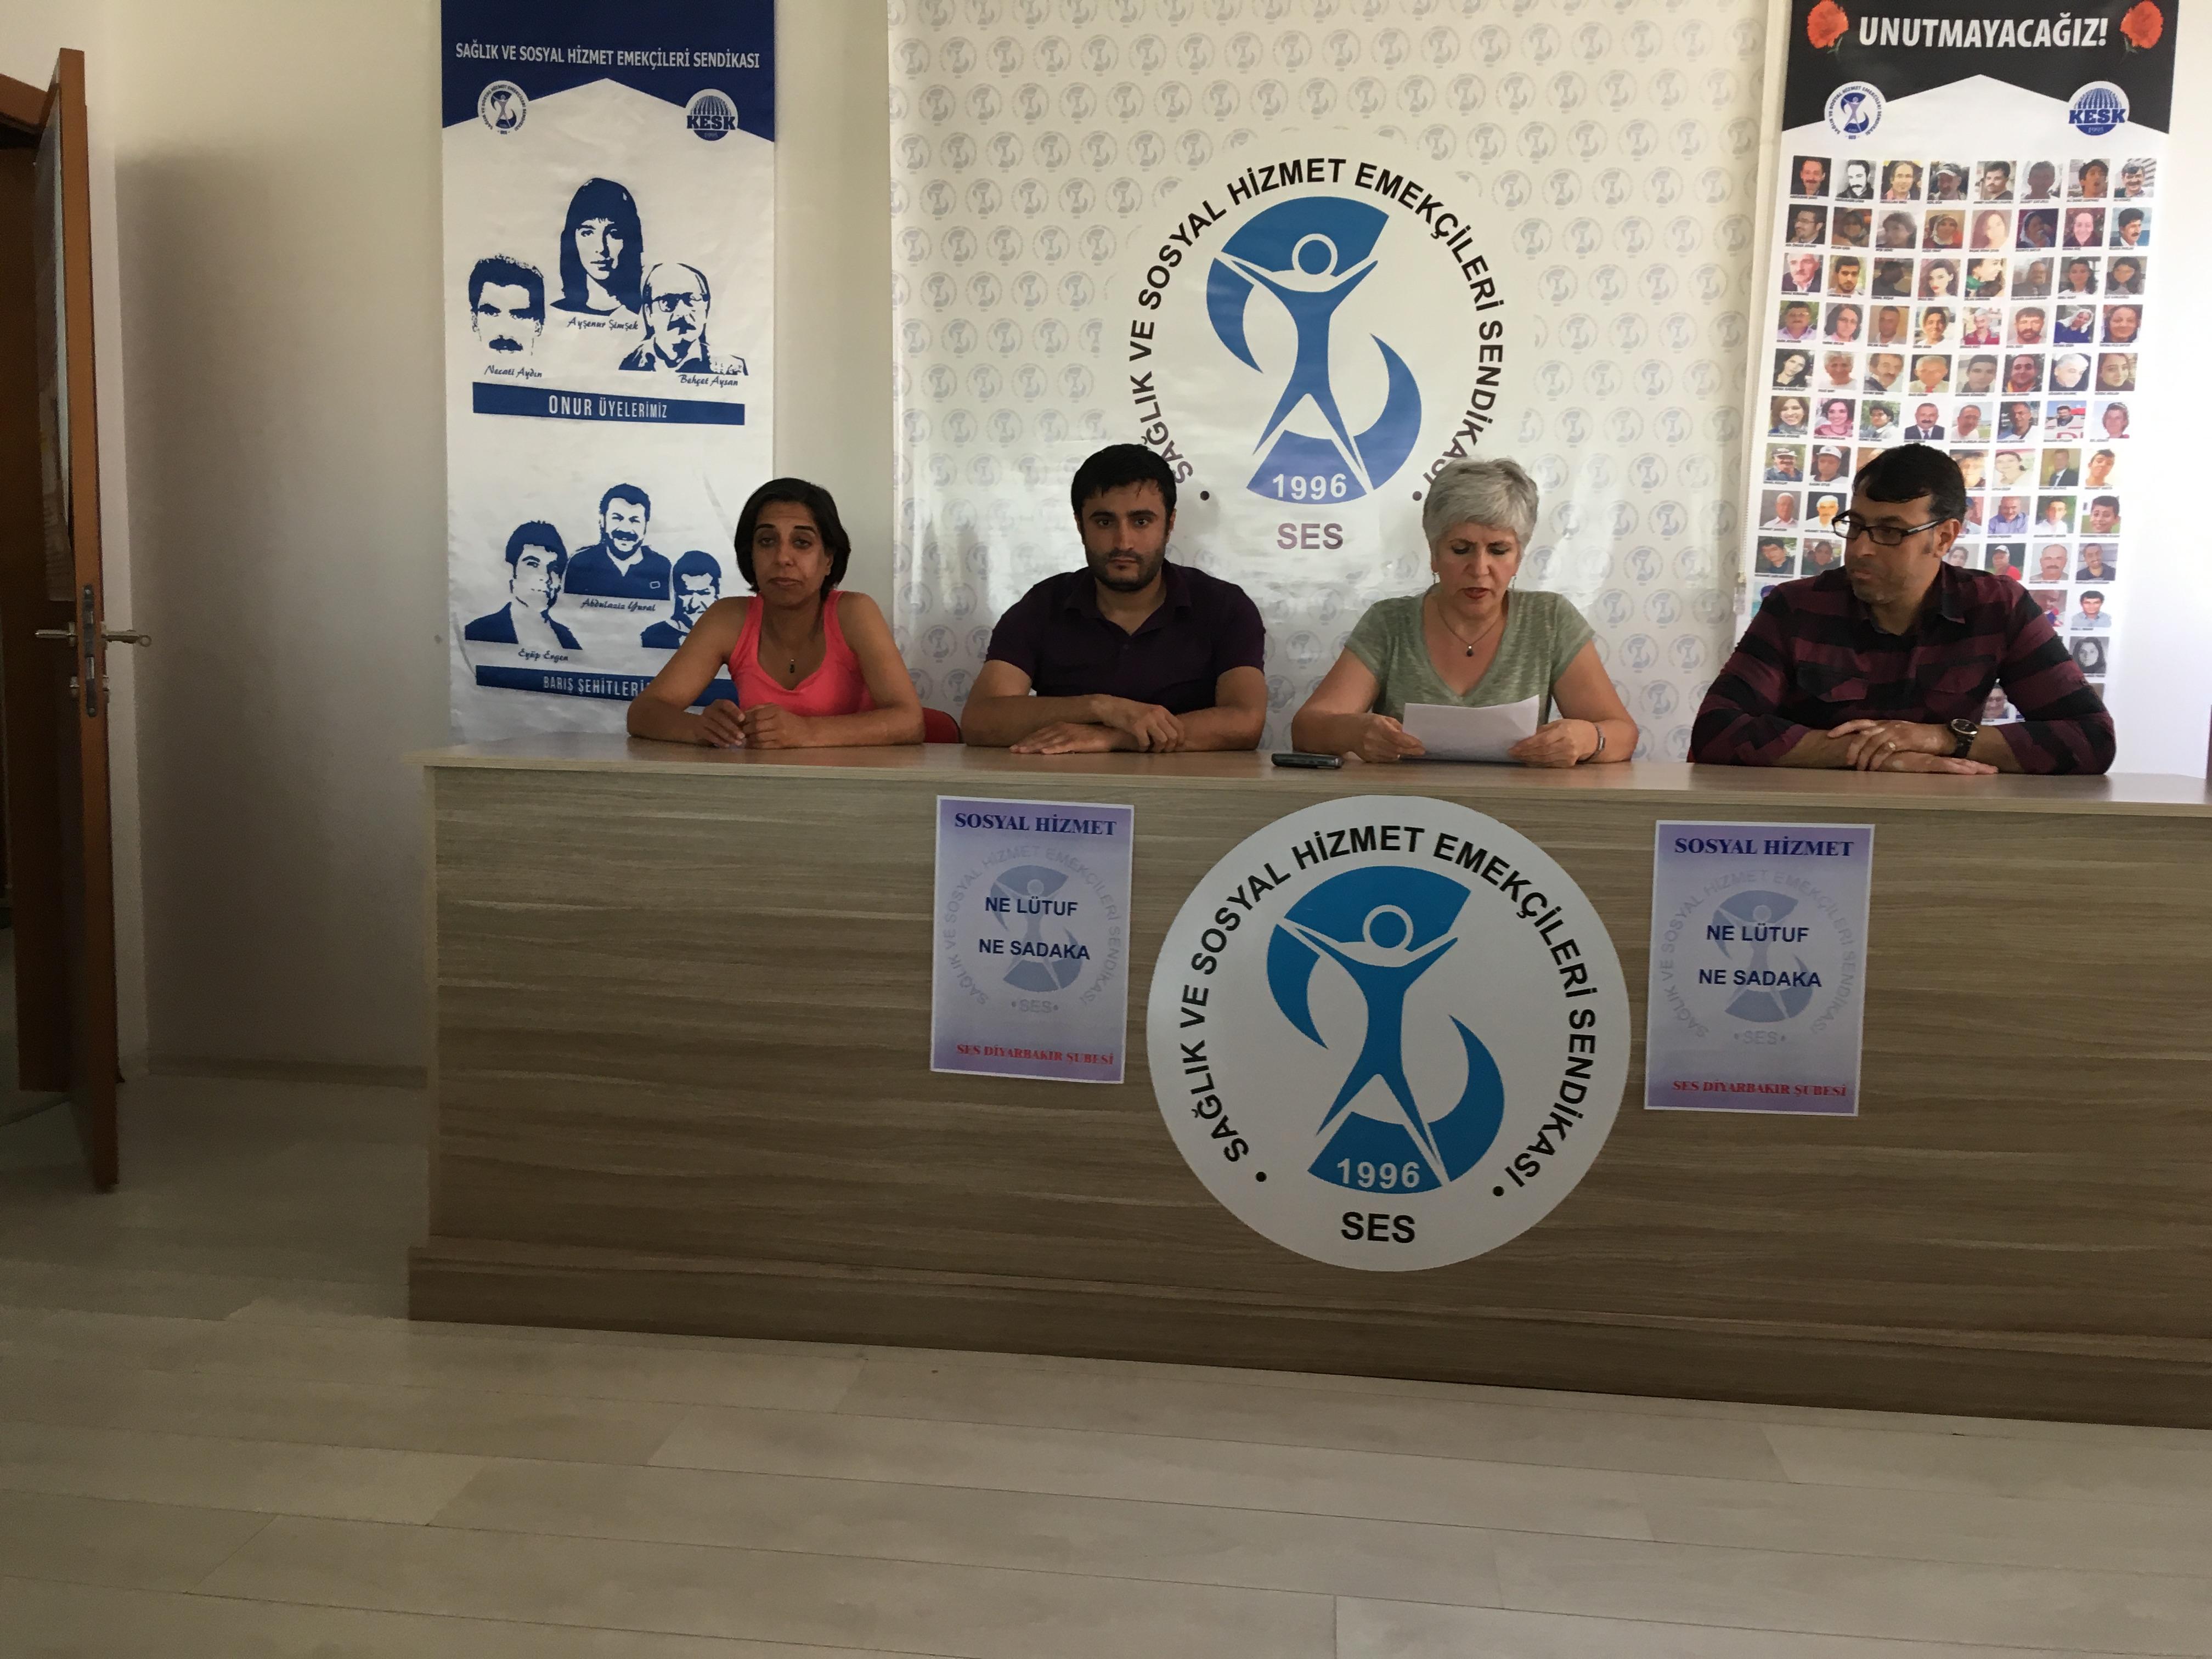 Diyarbakır Şubemizden Seçim Hesabı Yapan Aile ve Sosyal Politikalar Bakanlığı'na Tepki